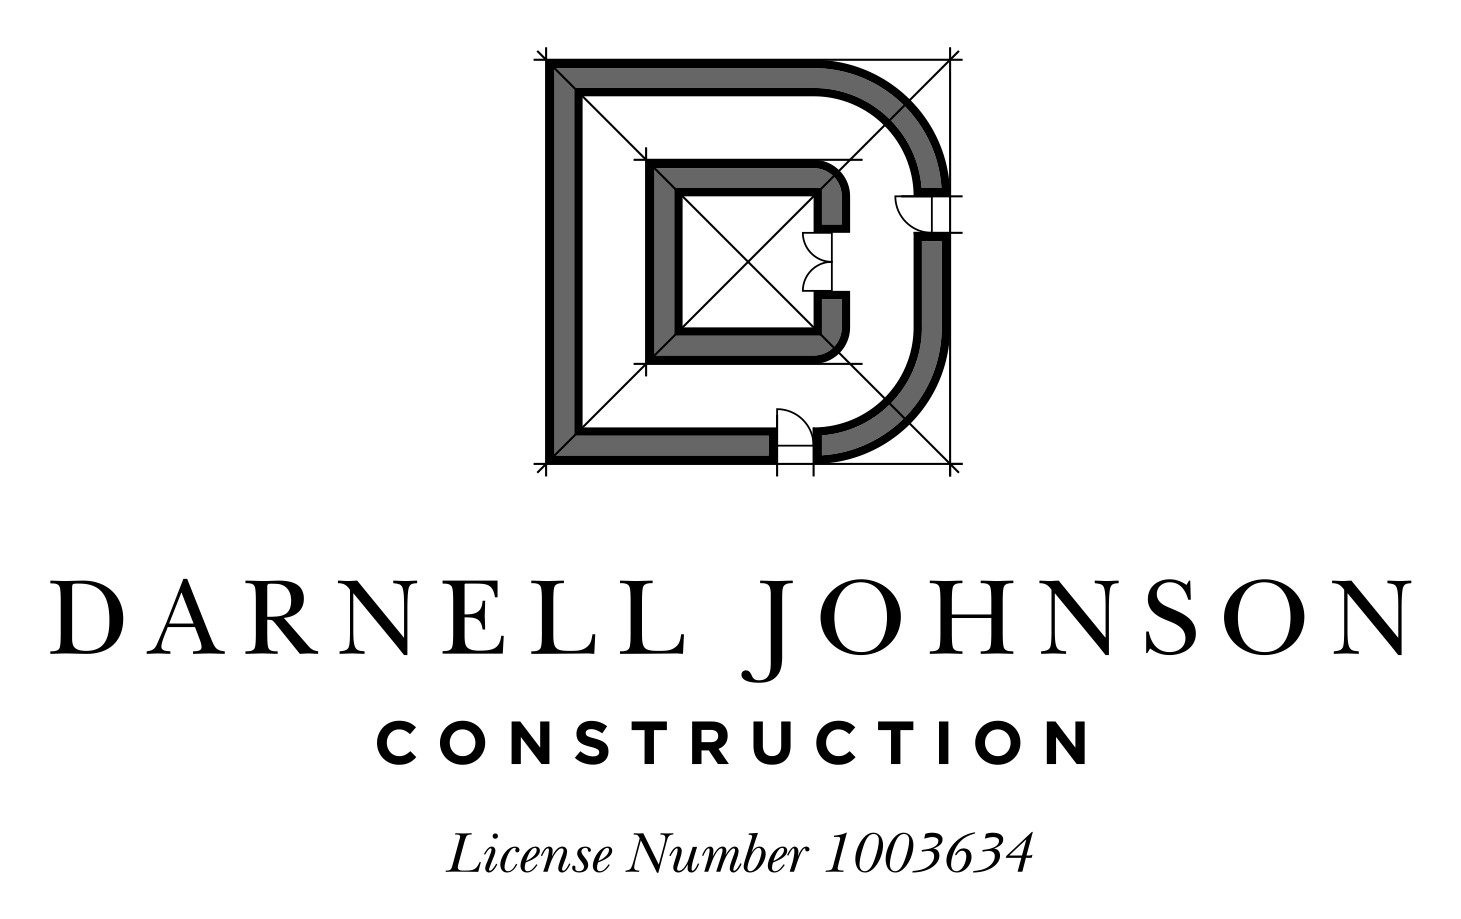 Darnell Johnson Construction